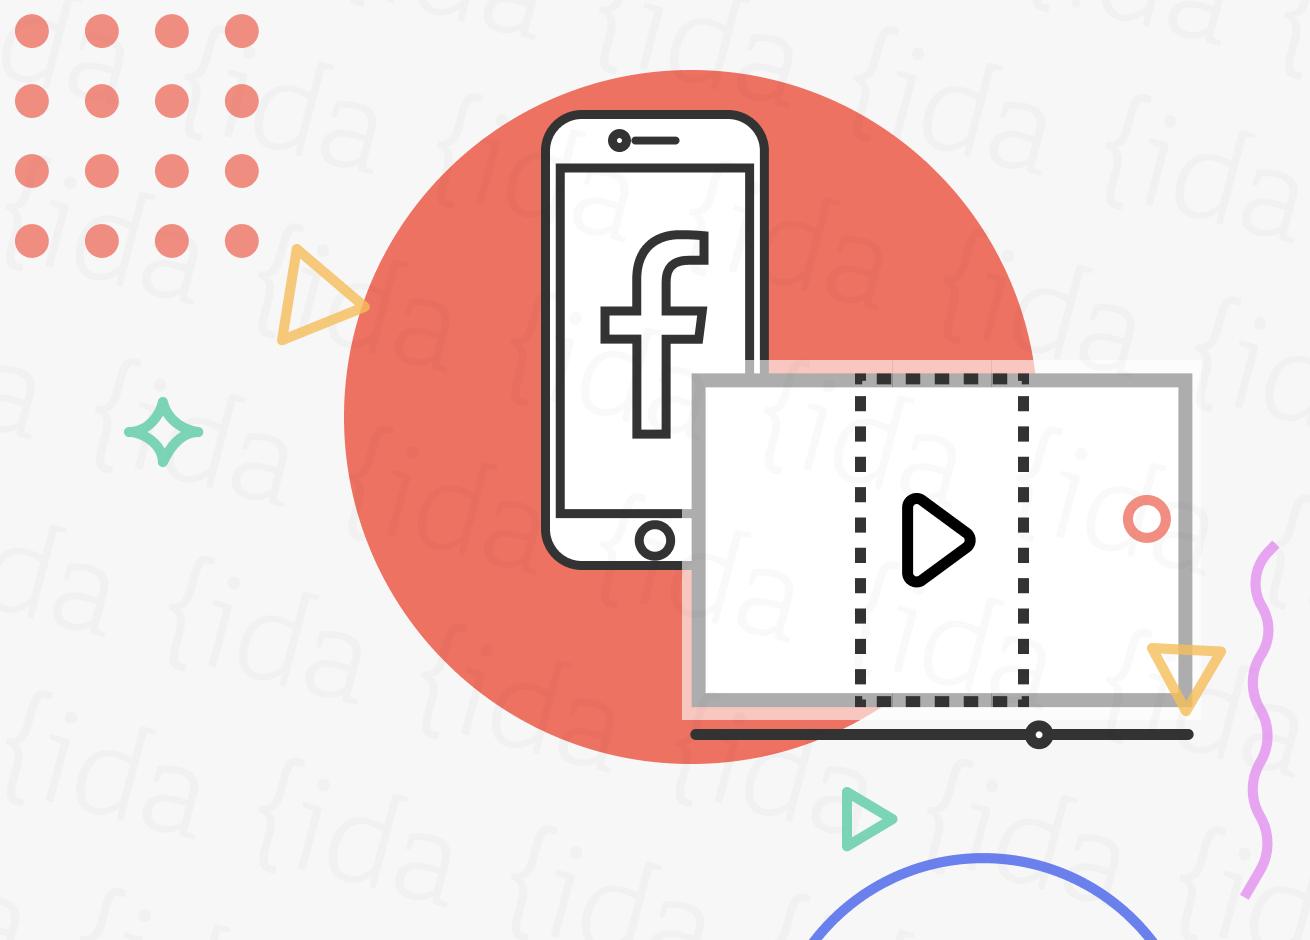 iconos que hacen referencia a Facebook y Smart crop.